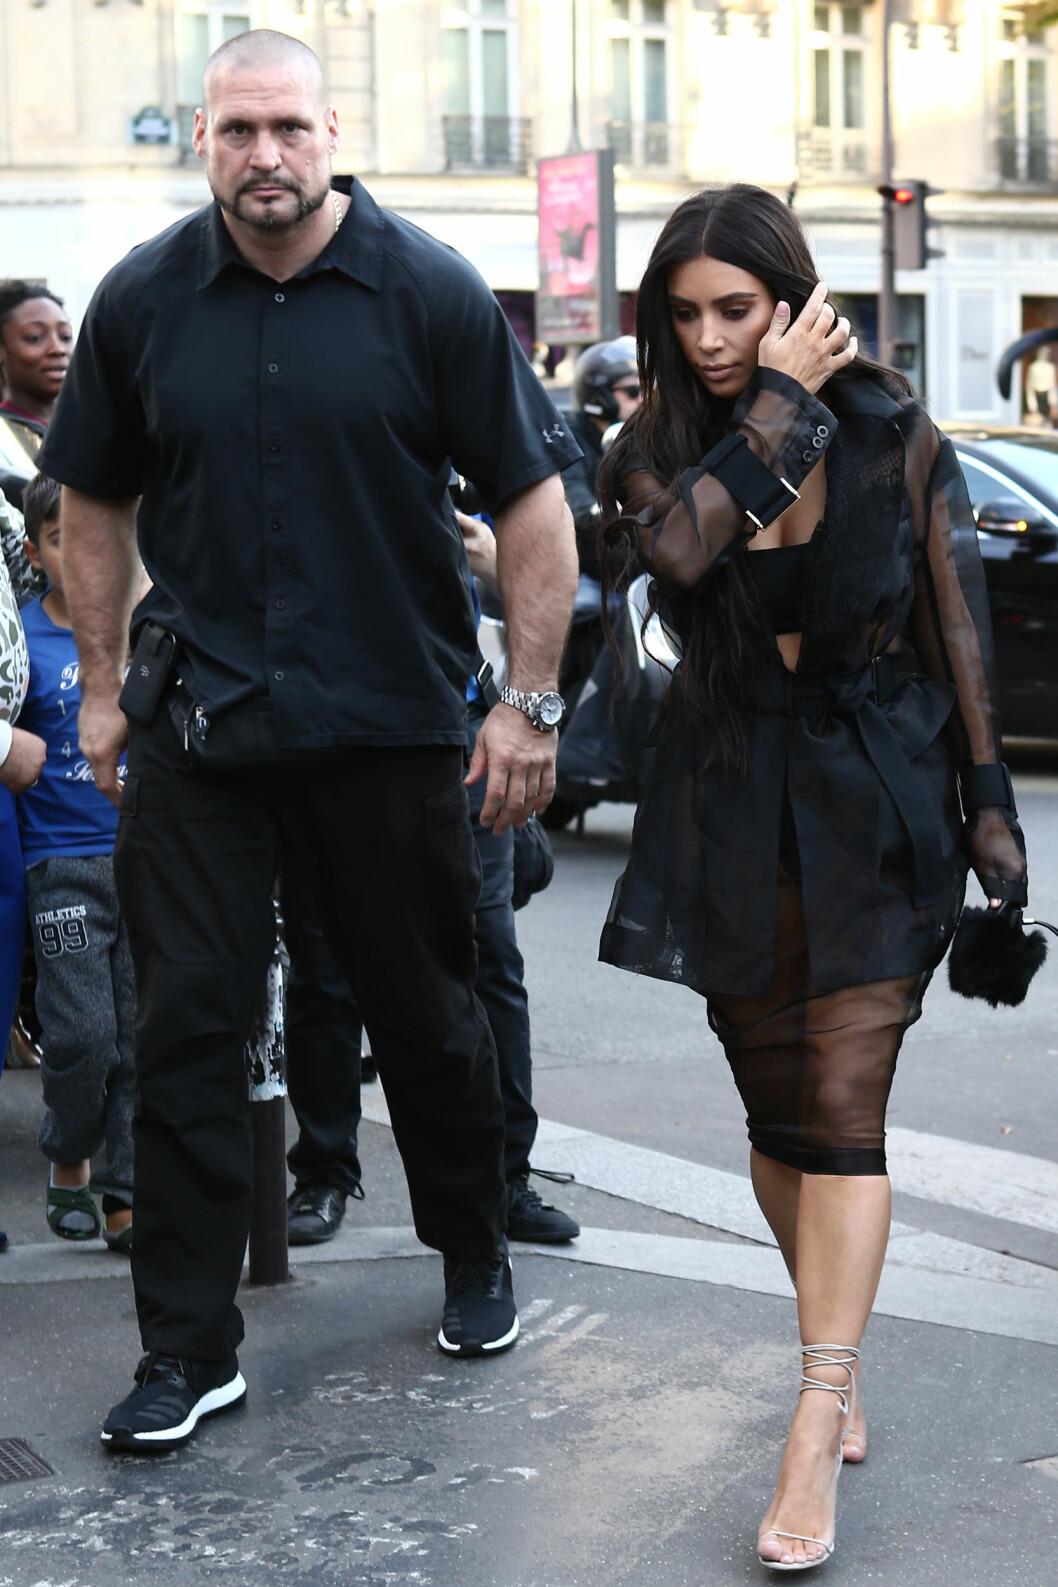 ØKER SIKKERHETEN: Kim har valgt å øke sikkerheten rundt seg selv etter ranet i Paris. Her sammen med sikkerhetsvakten sin Pascal Duvier.  Foto: Abaca